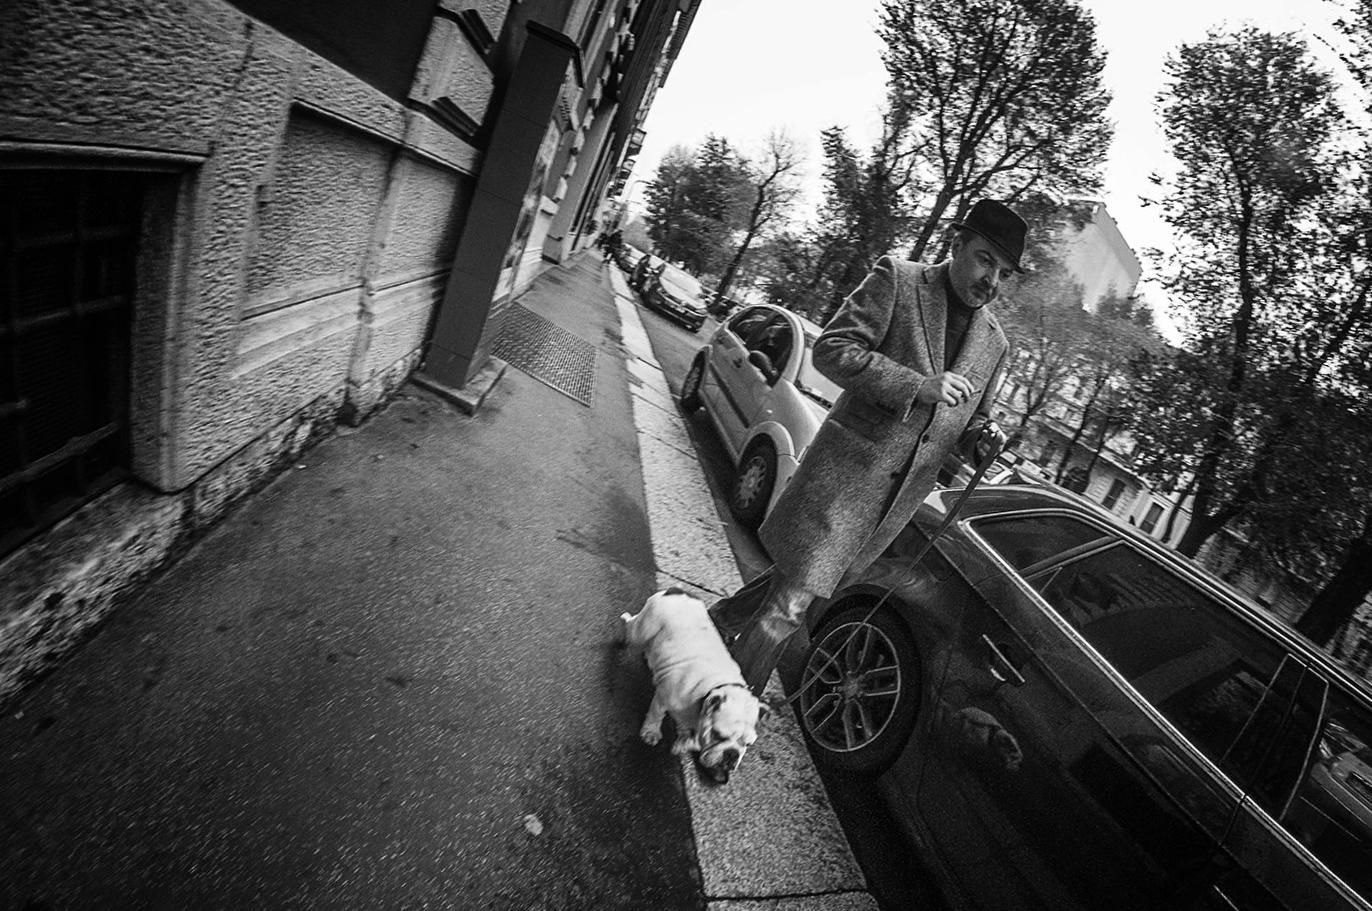 MILUNA-Ewa-Milun-Walczak-Mediolan-ludzie-ulica-przechodzni-mediolanczycy-Przechodnie-12